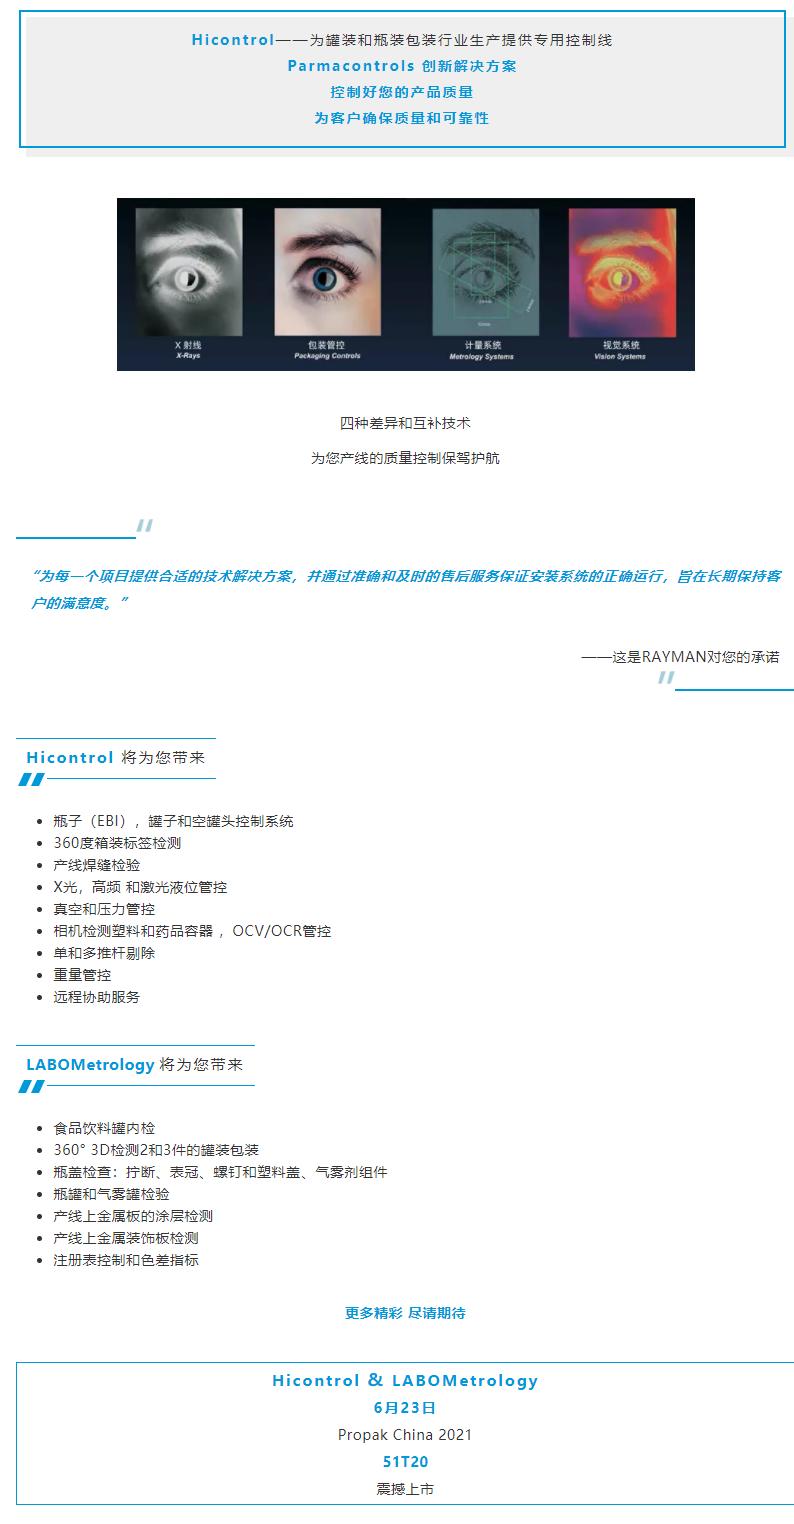 新品发布丨6月23日镭曼全新包装控制系统,等您来!